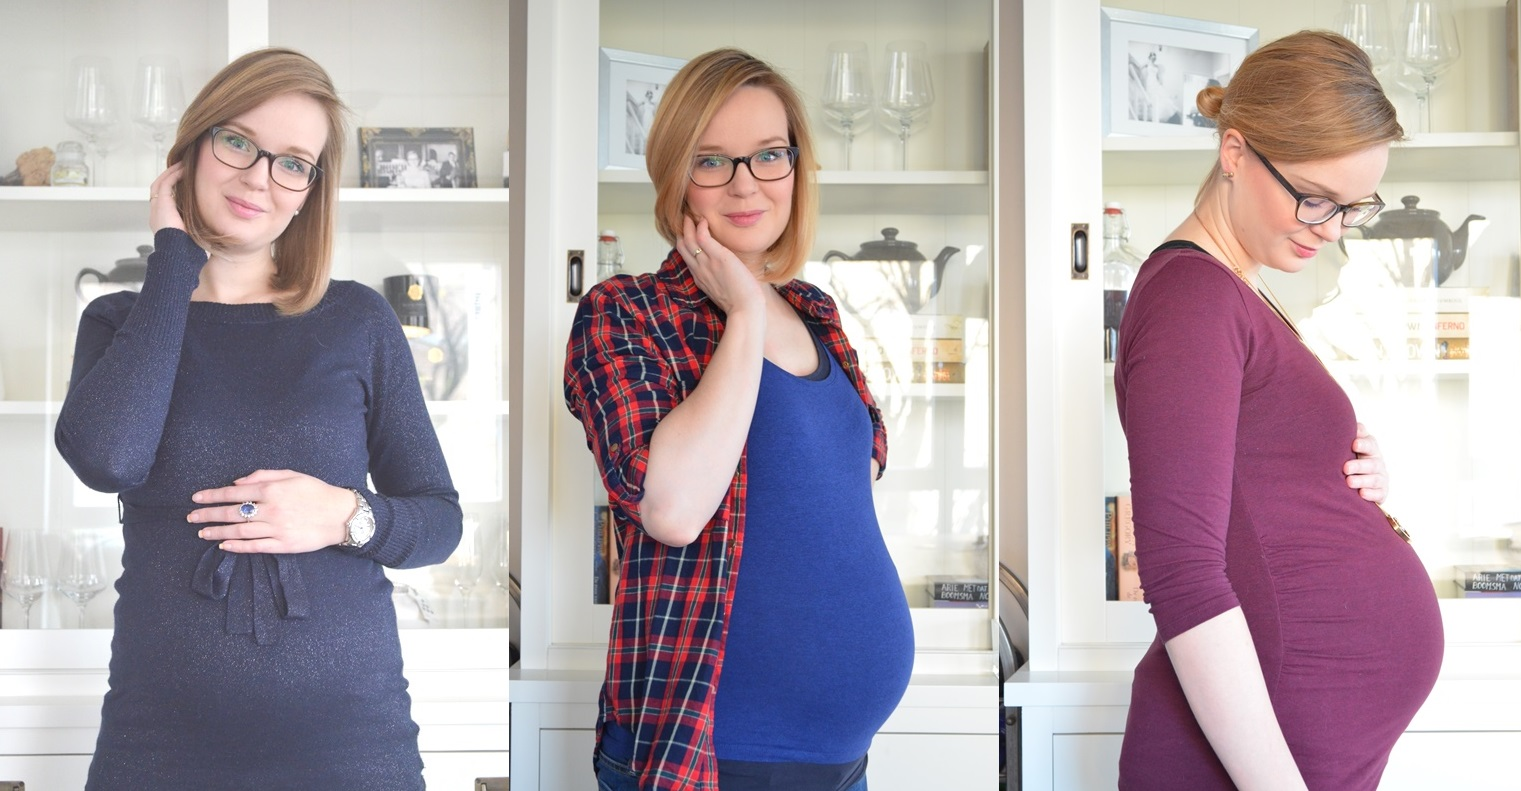 Buikcompilatie Elisejoanne.nl  - De Evolutie van mijn Zwangere Buik van Week 4 - Week 37